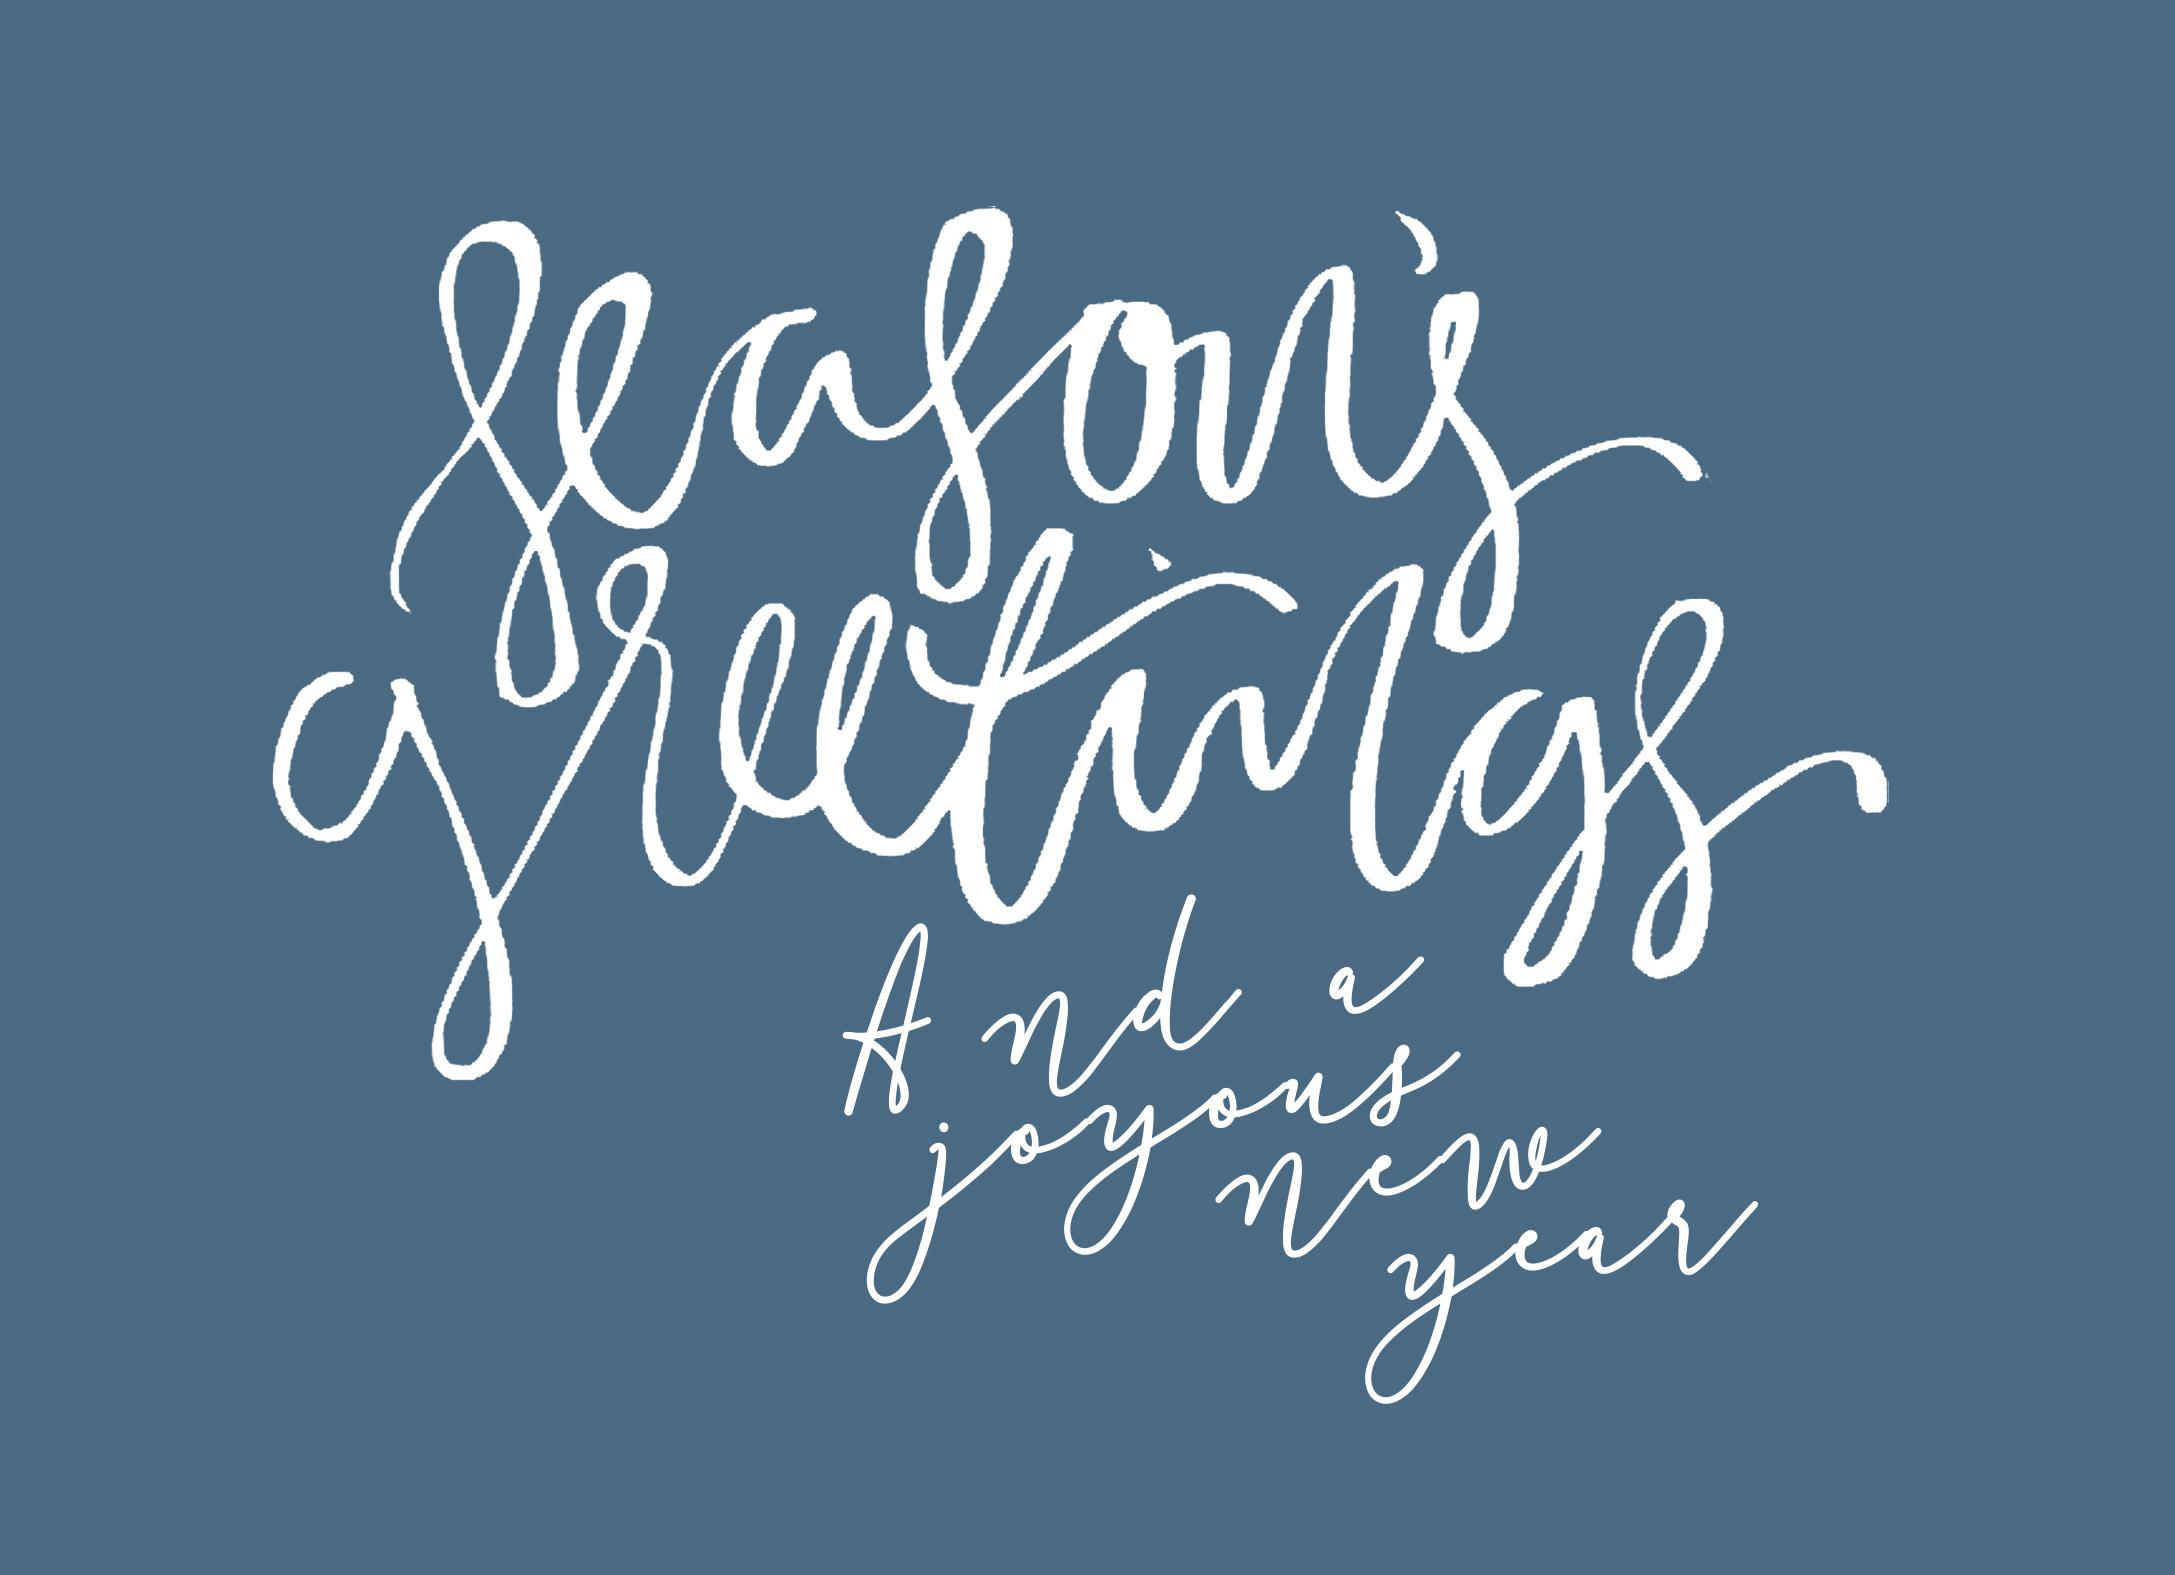 SeasonsGreetingsFront.jpg